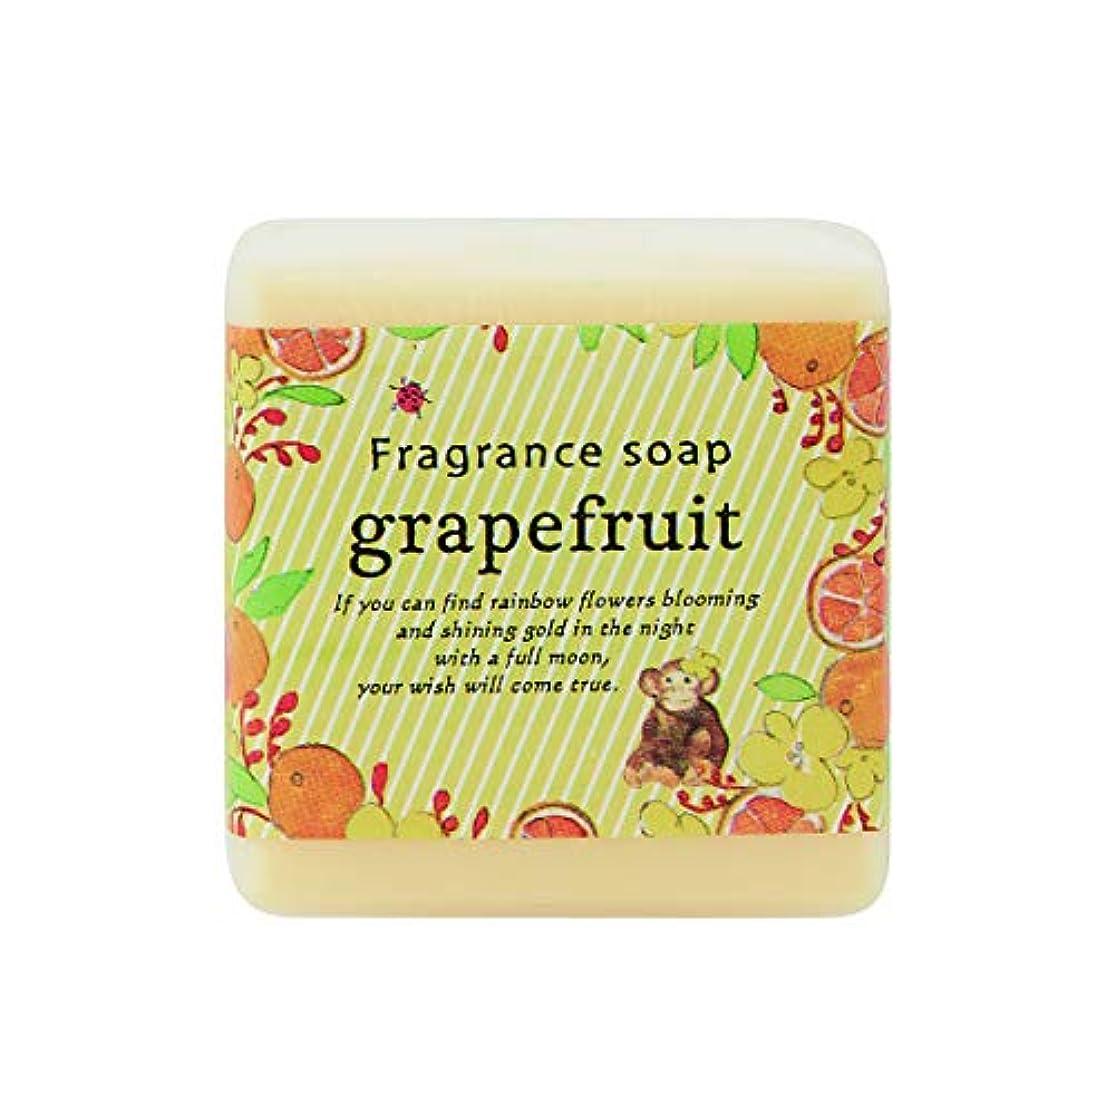 予測する私たちぬるいサンハーブ フレグランスソープ40g グレープフルーツ 12個(プチ石けん ゲストソープ シャキっとまぶしい柑橘系の香り)